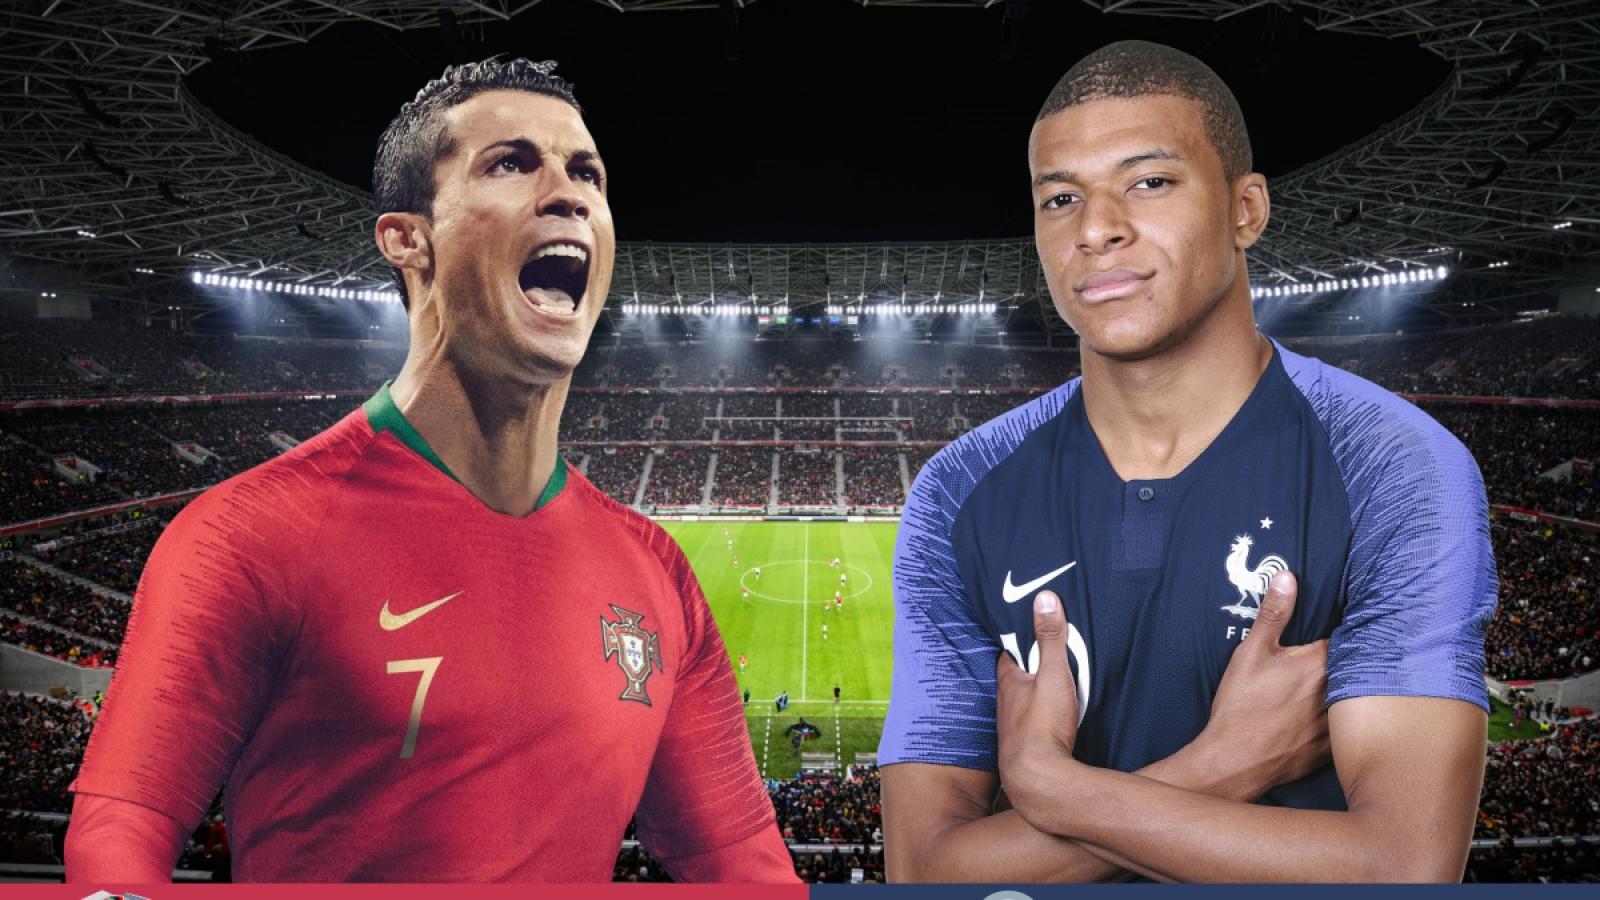 TRỰC TIẾP bóng đá Bồ Đào Nha vs Pháp: Ronaldo chinh phục cột mốc lịch sử 109?